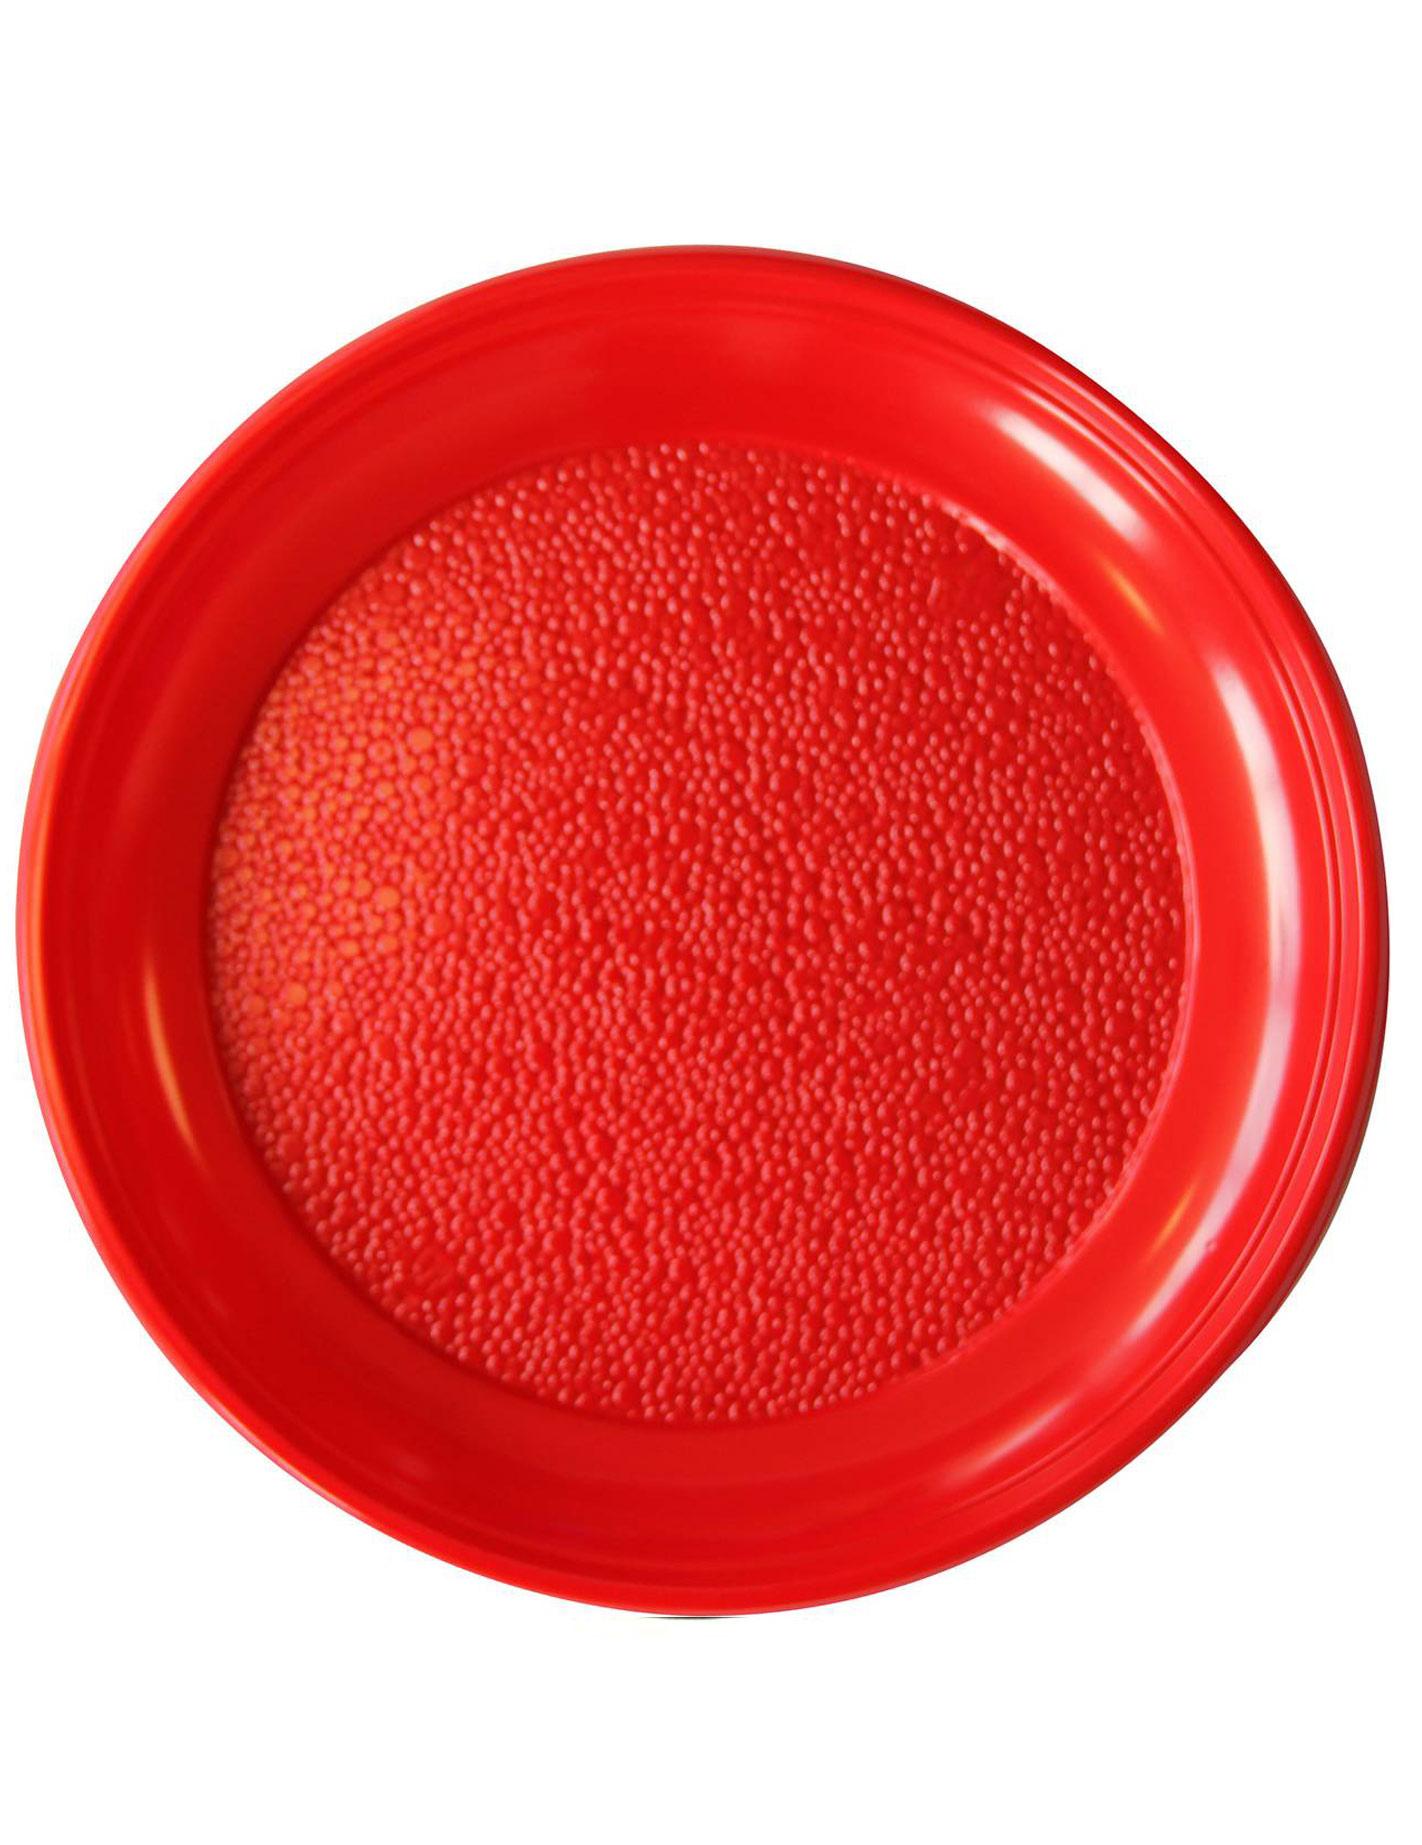 20 assiettes rouges rondes en plastique 22 cm. Black Bedroom Furniture Sets. Home Design Ideas